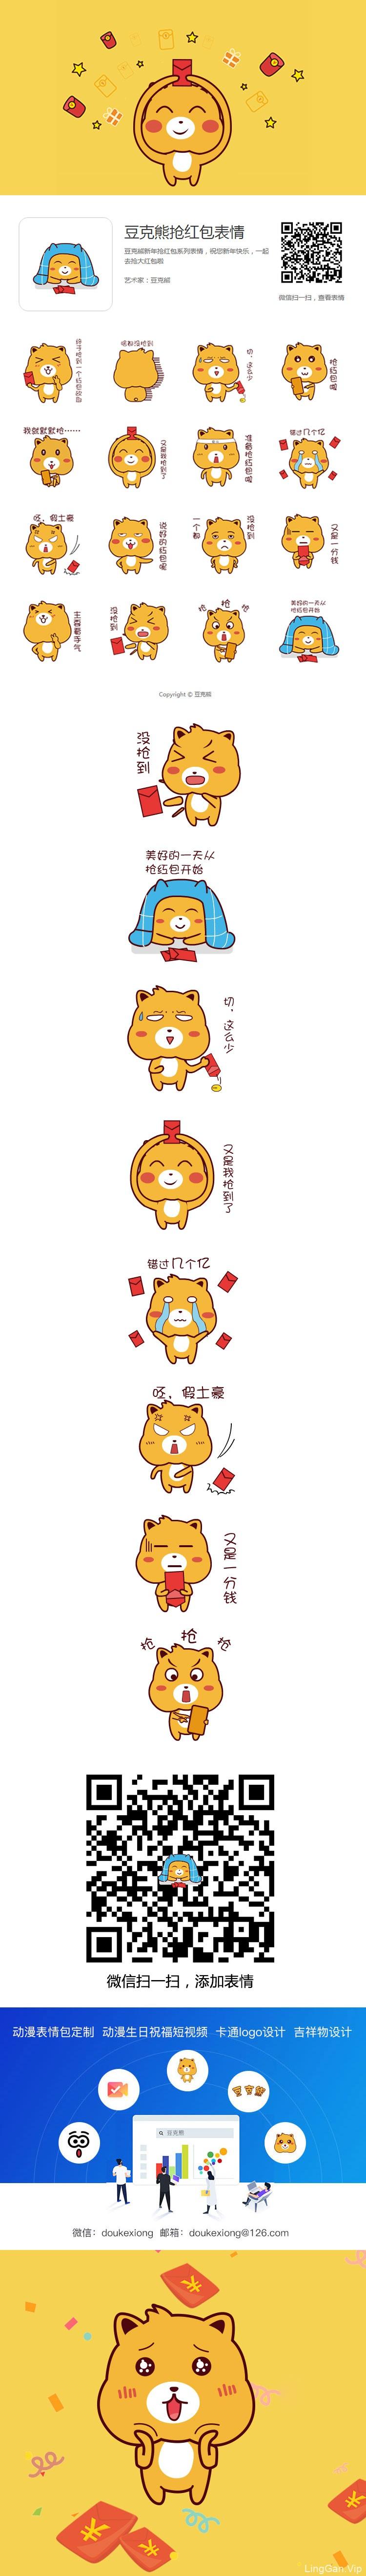 【豆克熊】原创动漫微信表情之新年抢红包系列